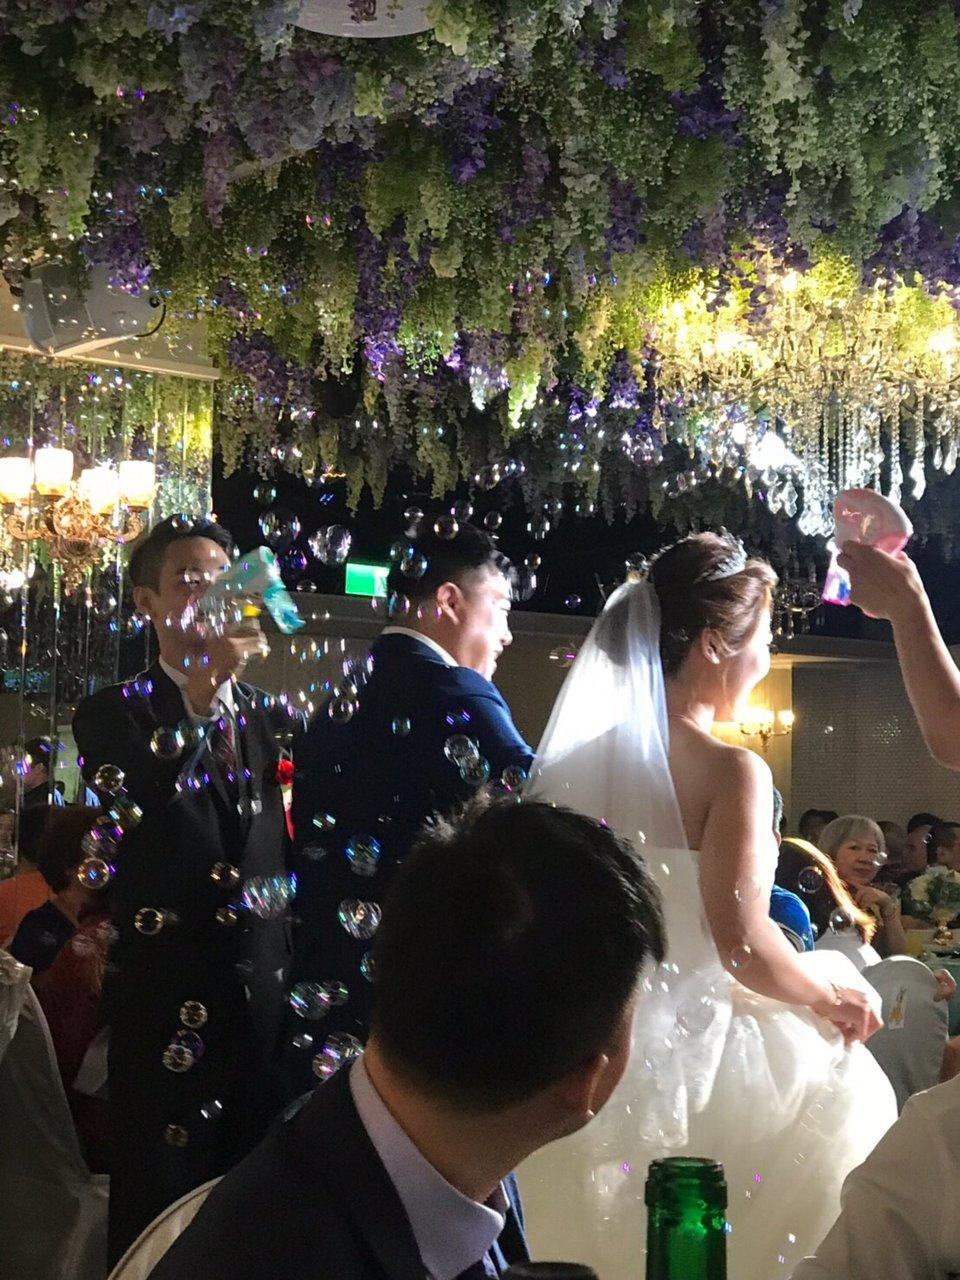 88號樂章婚宴會館,場地、菜色、交通便利性都給五顆星,服務態度六顆星拉~~~